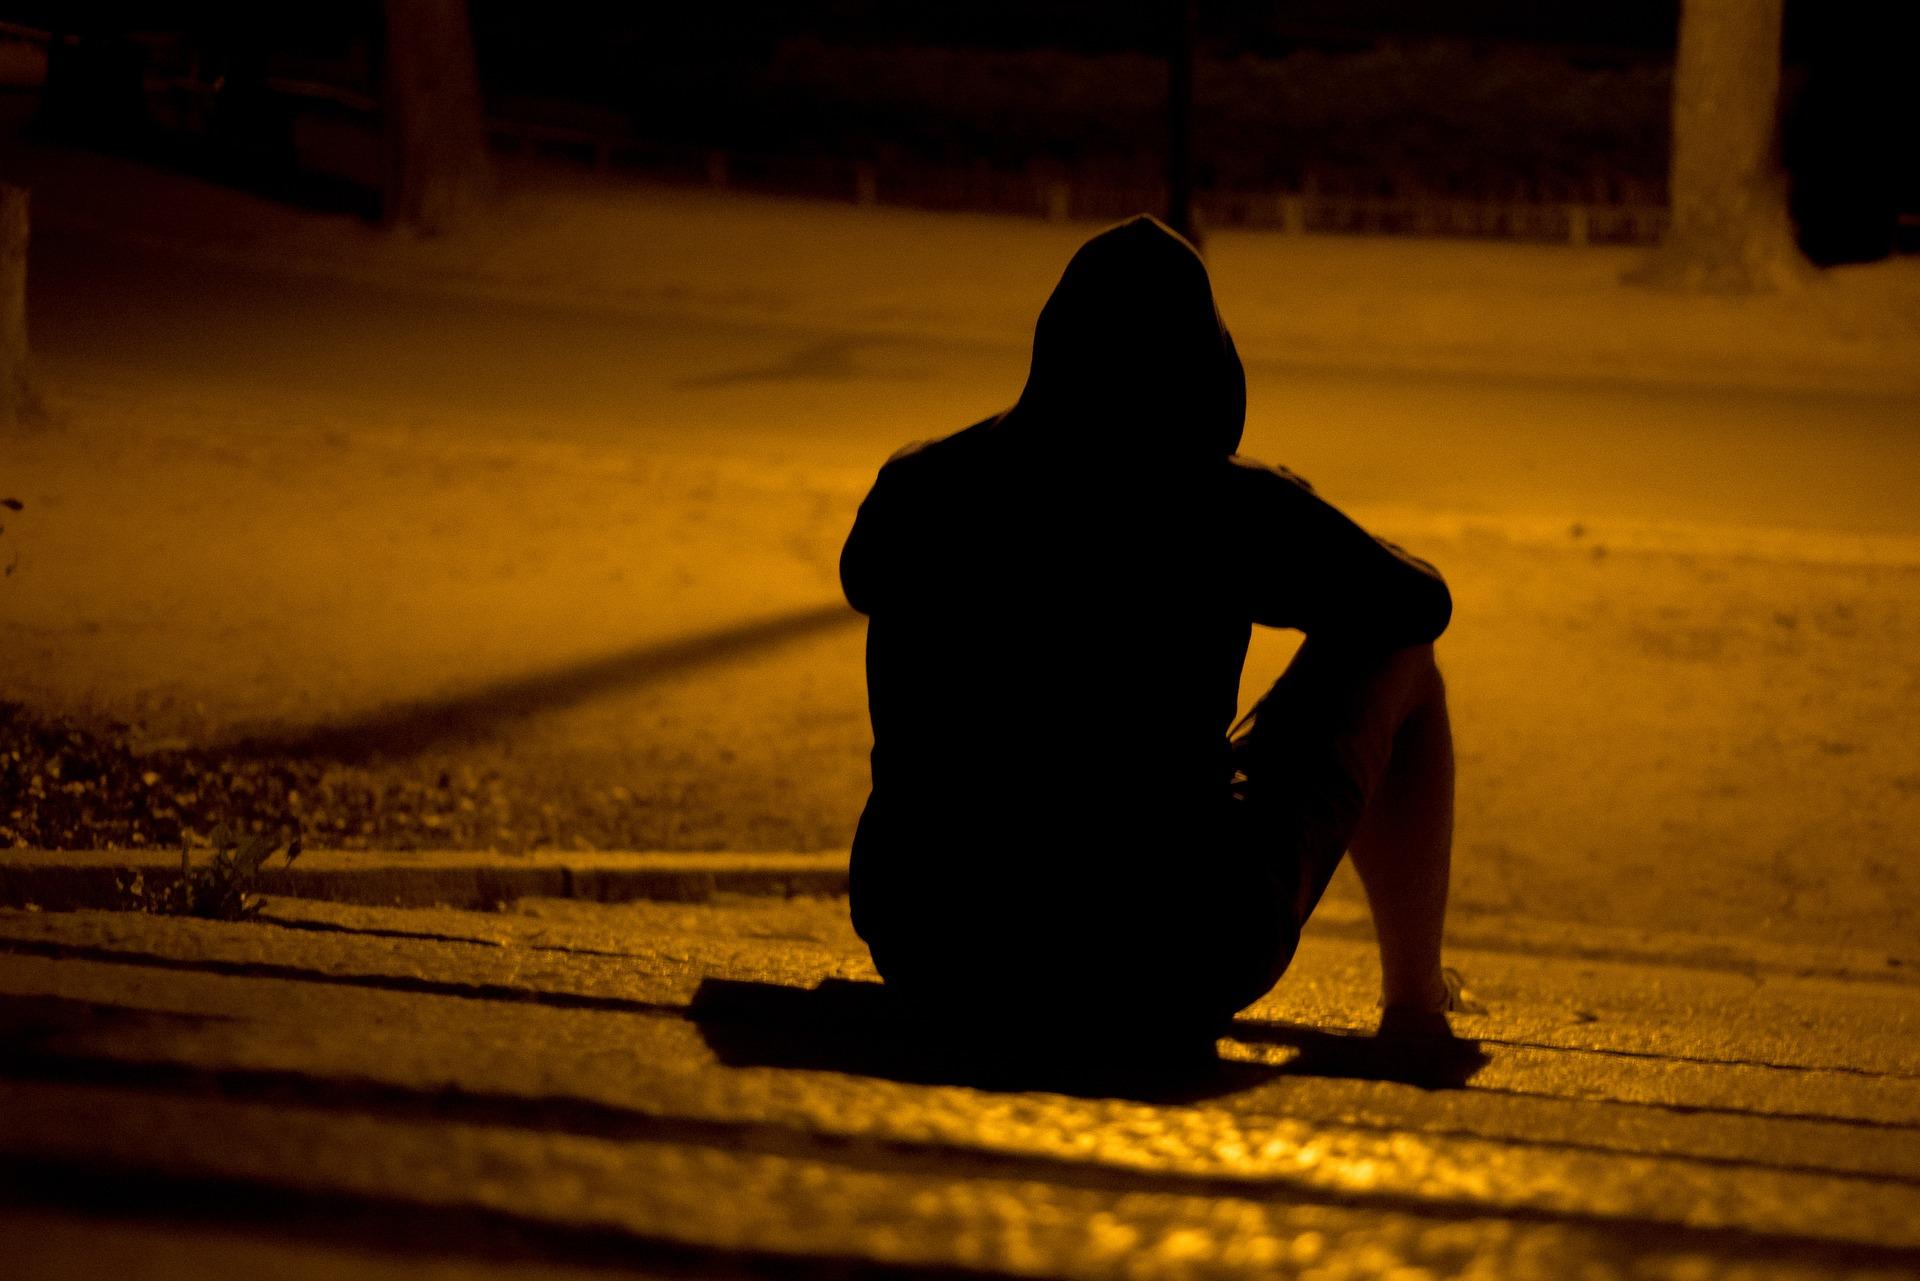 man isolated alone hombre solitario solo uomo isolato